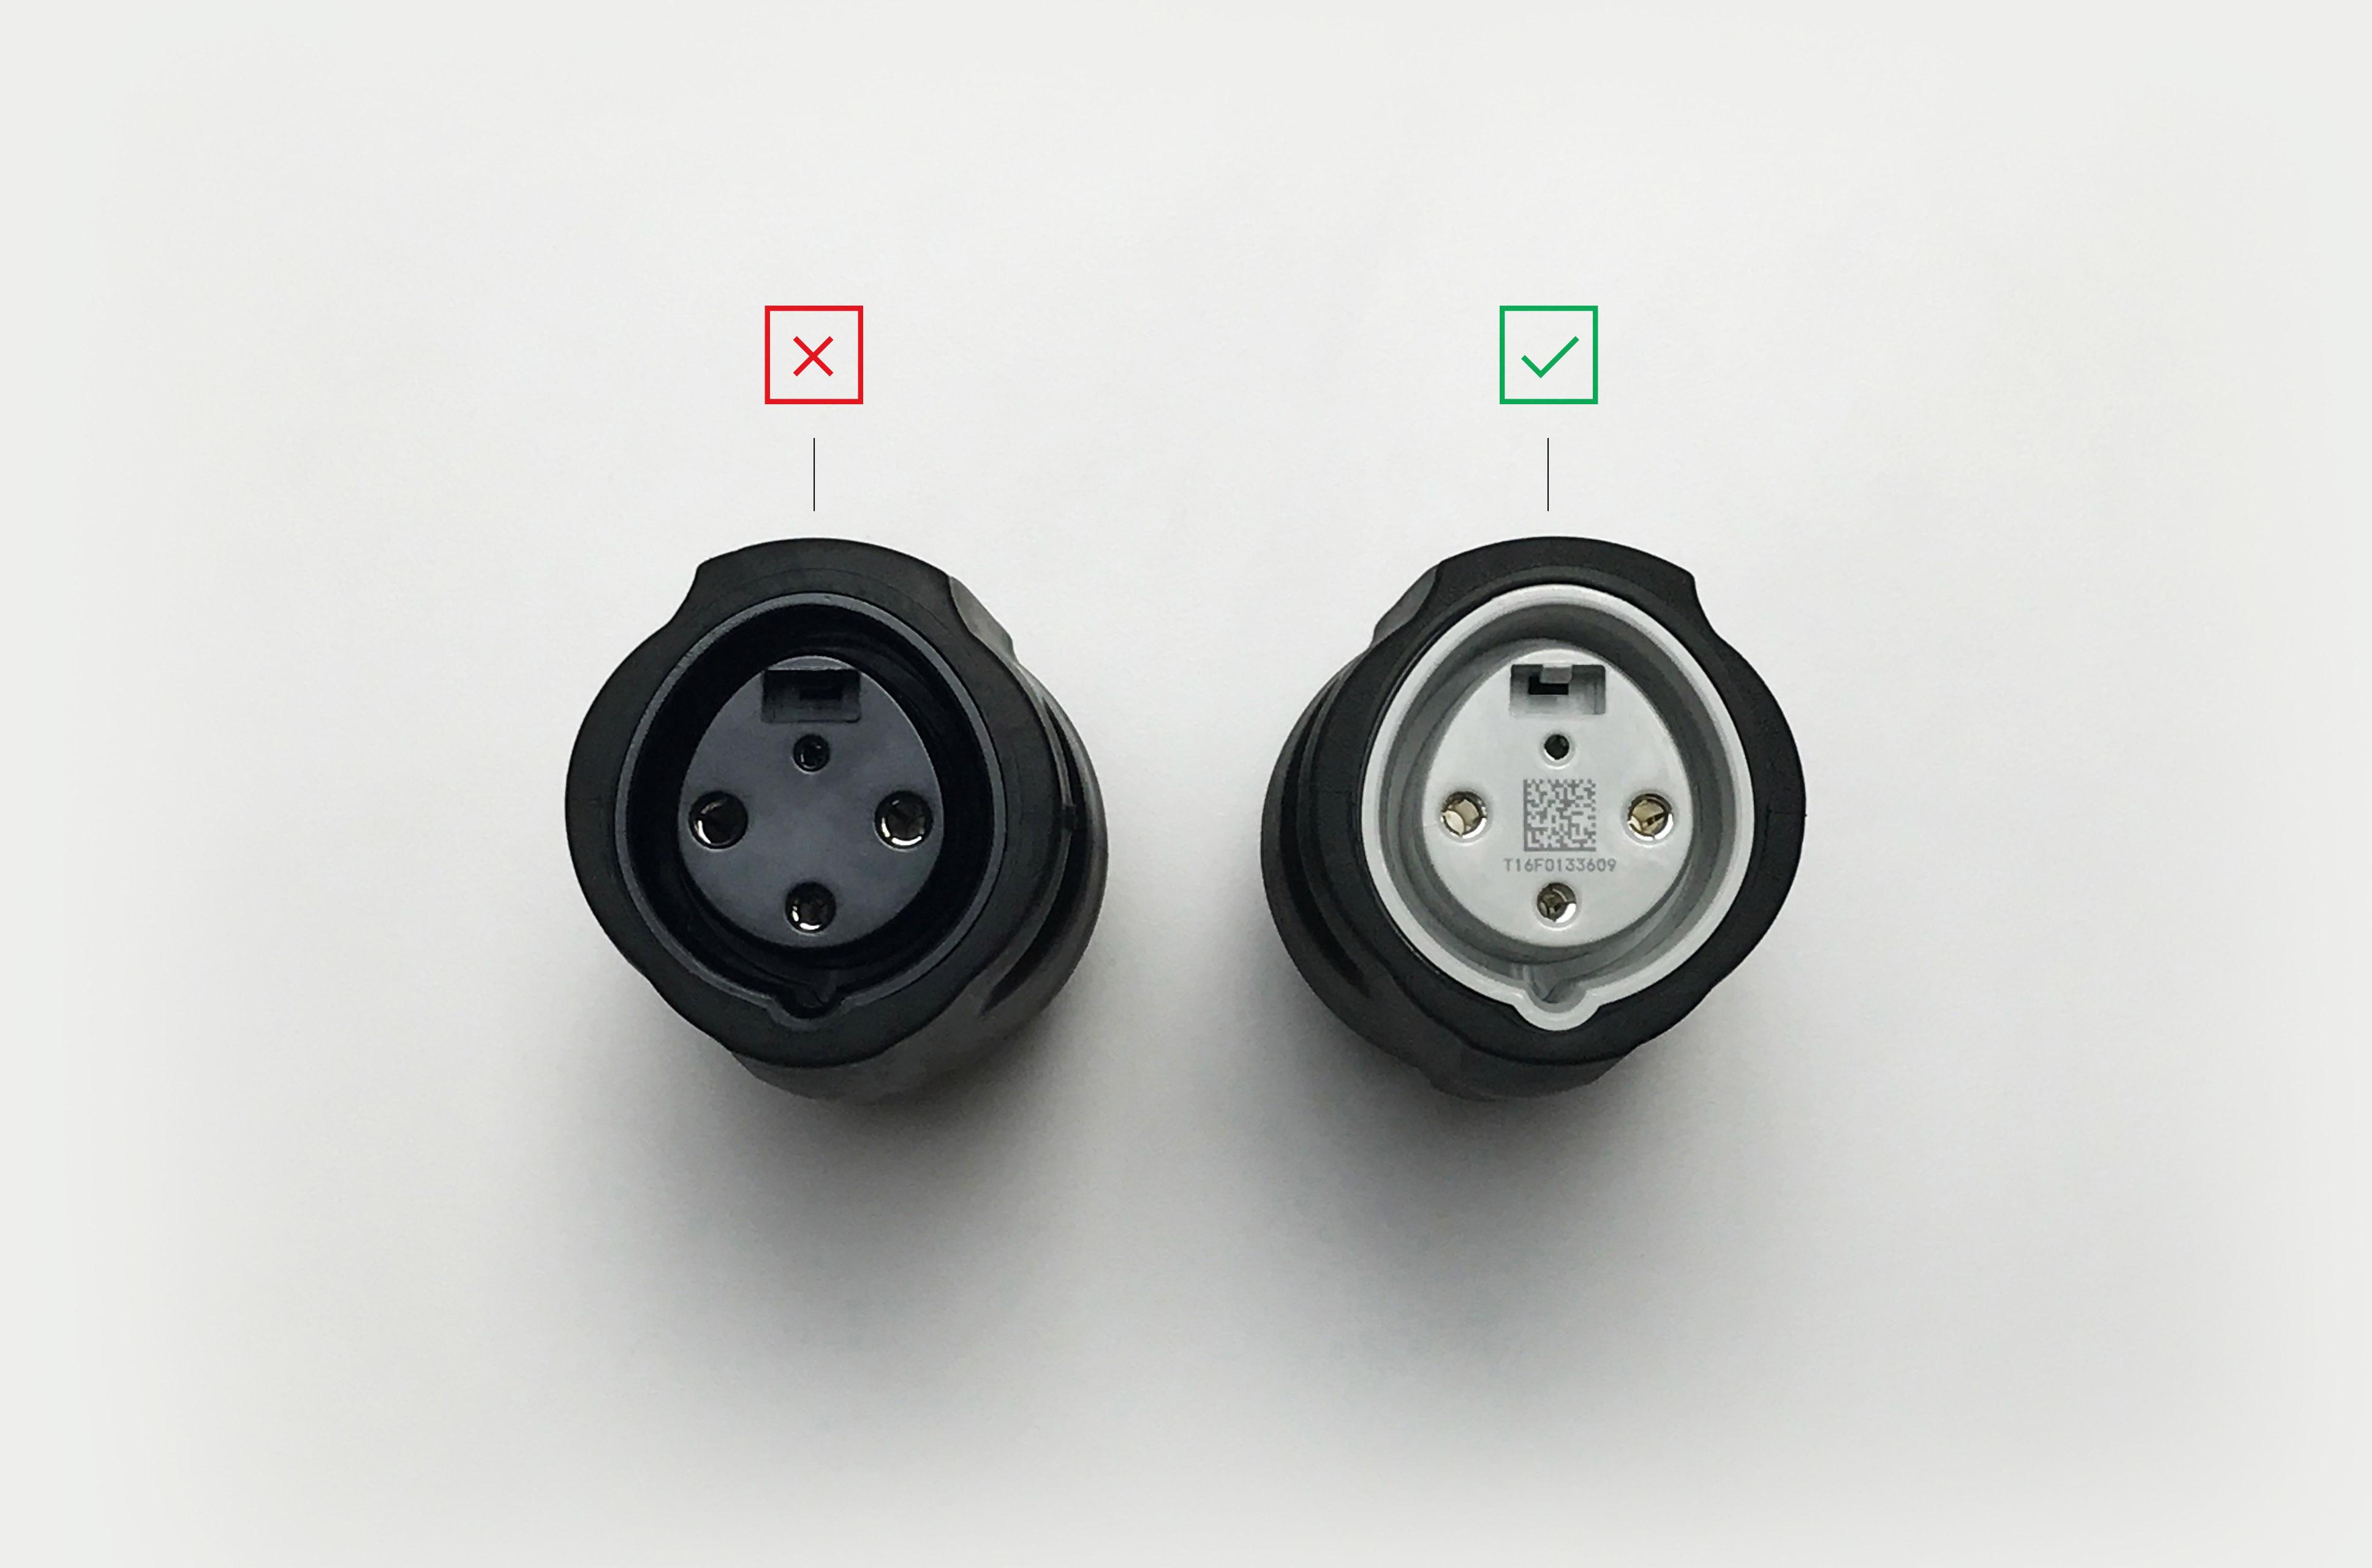 tesla-nema-14-30-adapter